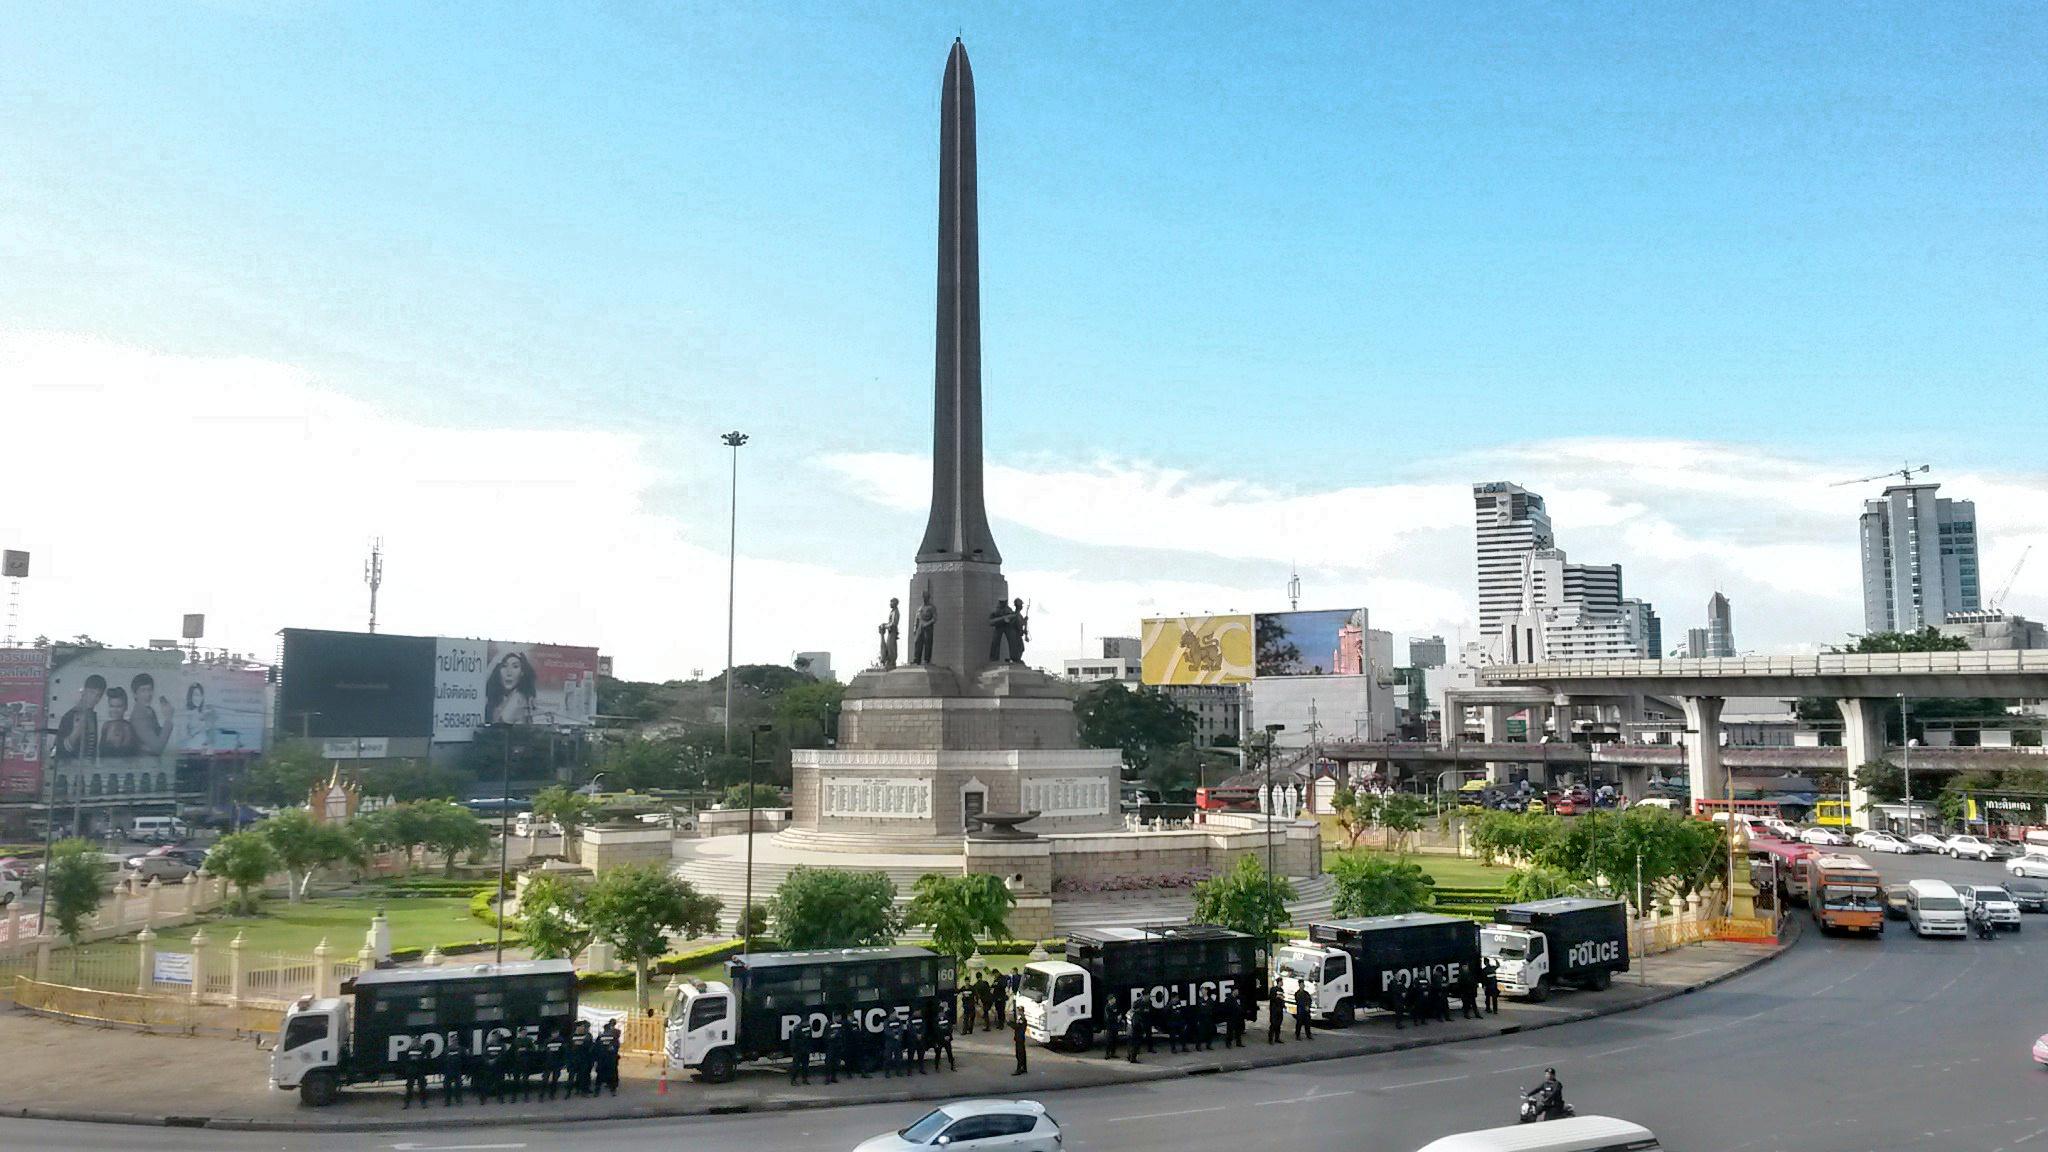 Polizia a Victory Monument dopo una manifestazione (Bangkok)